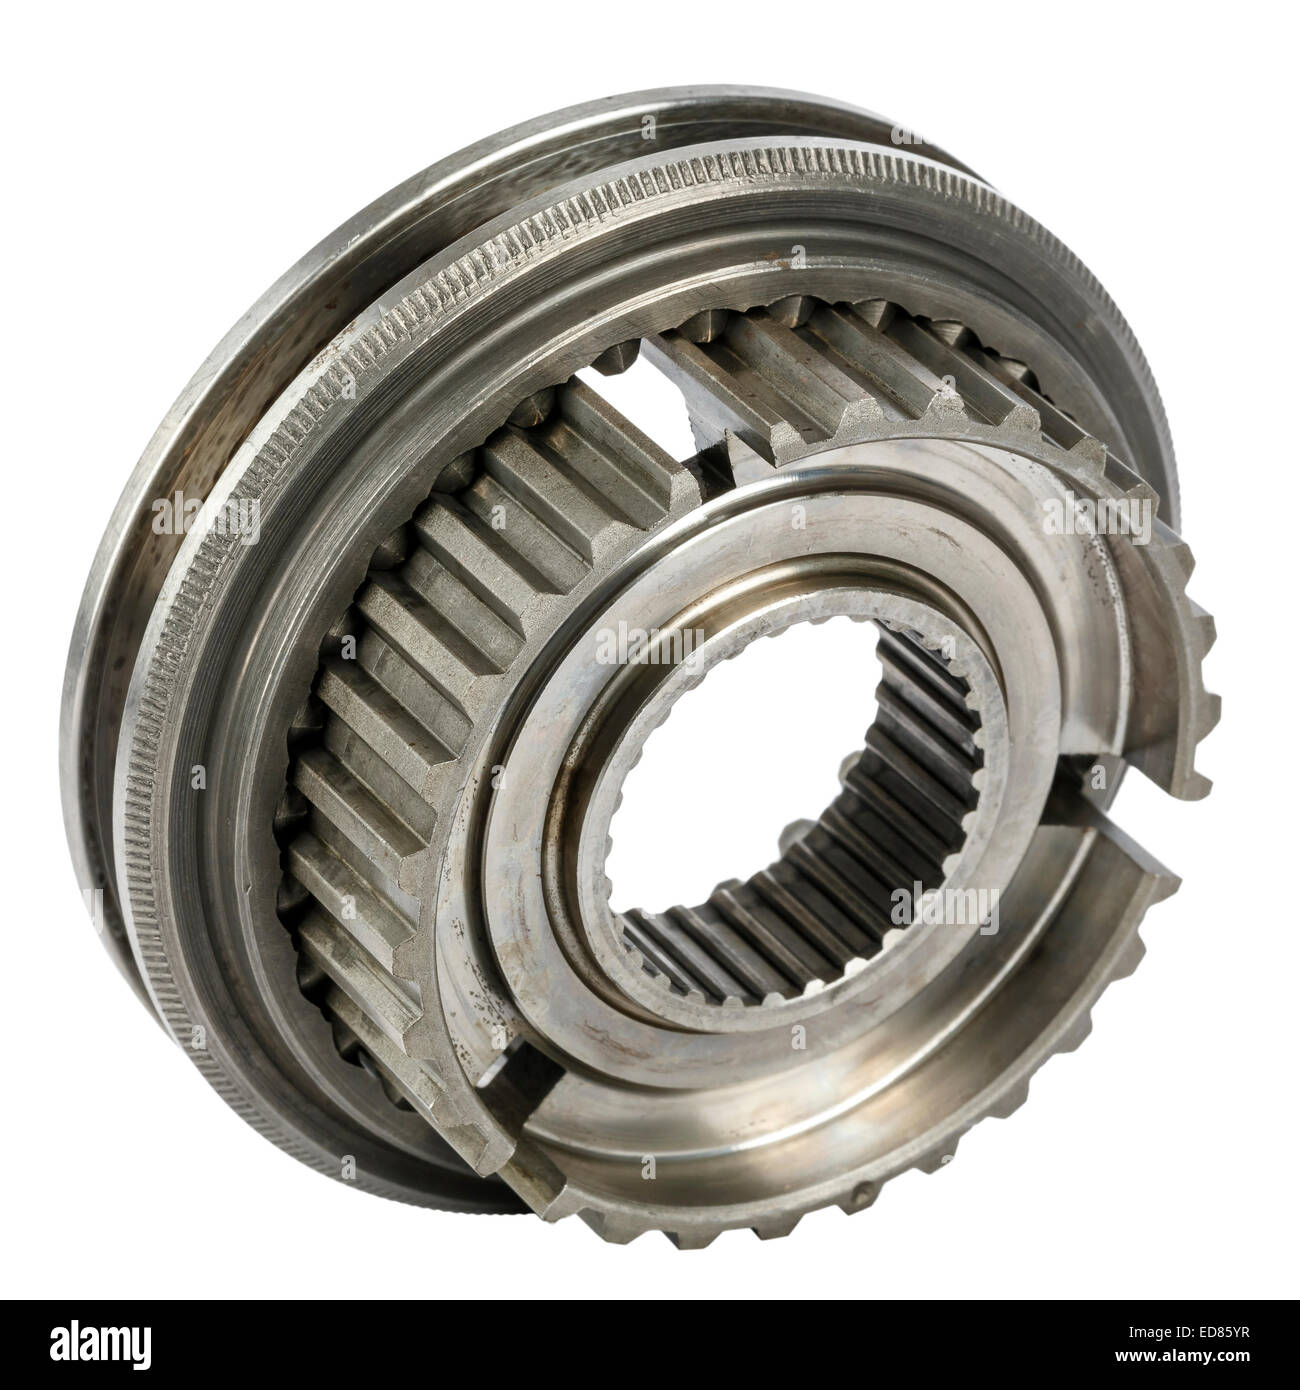 Synchronizer hub and shift sleeve - Stock Image